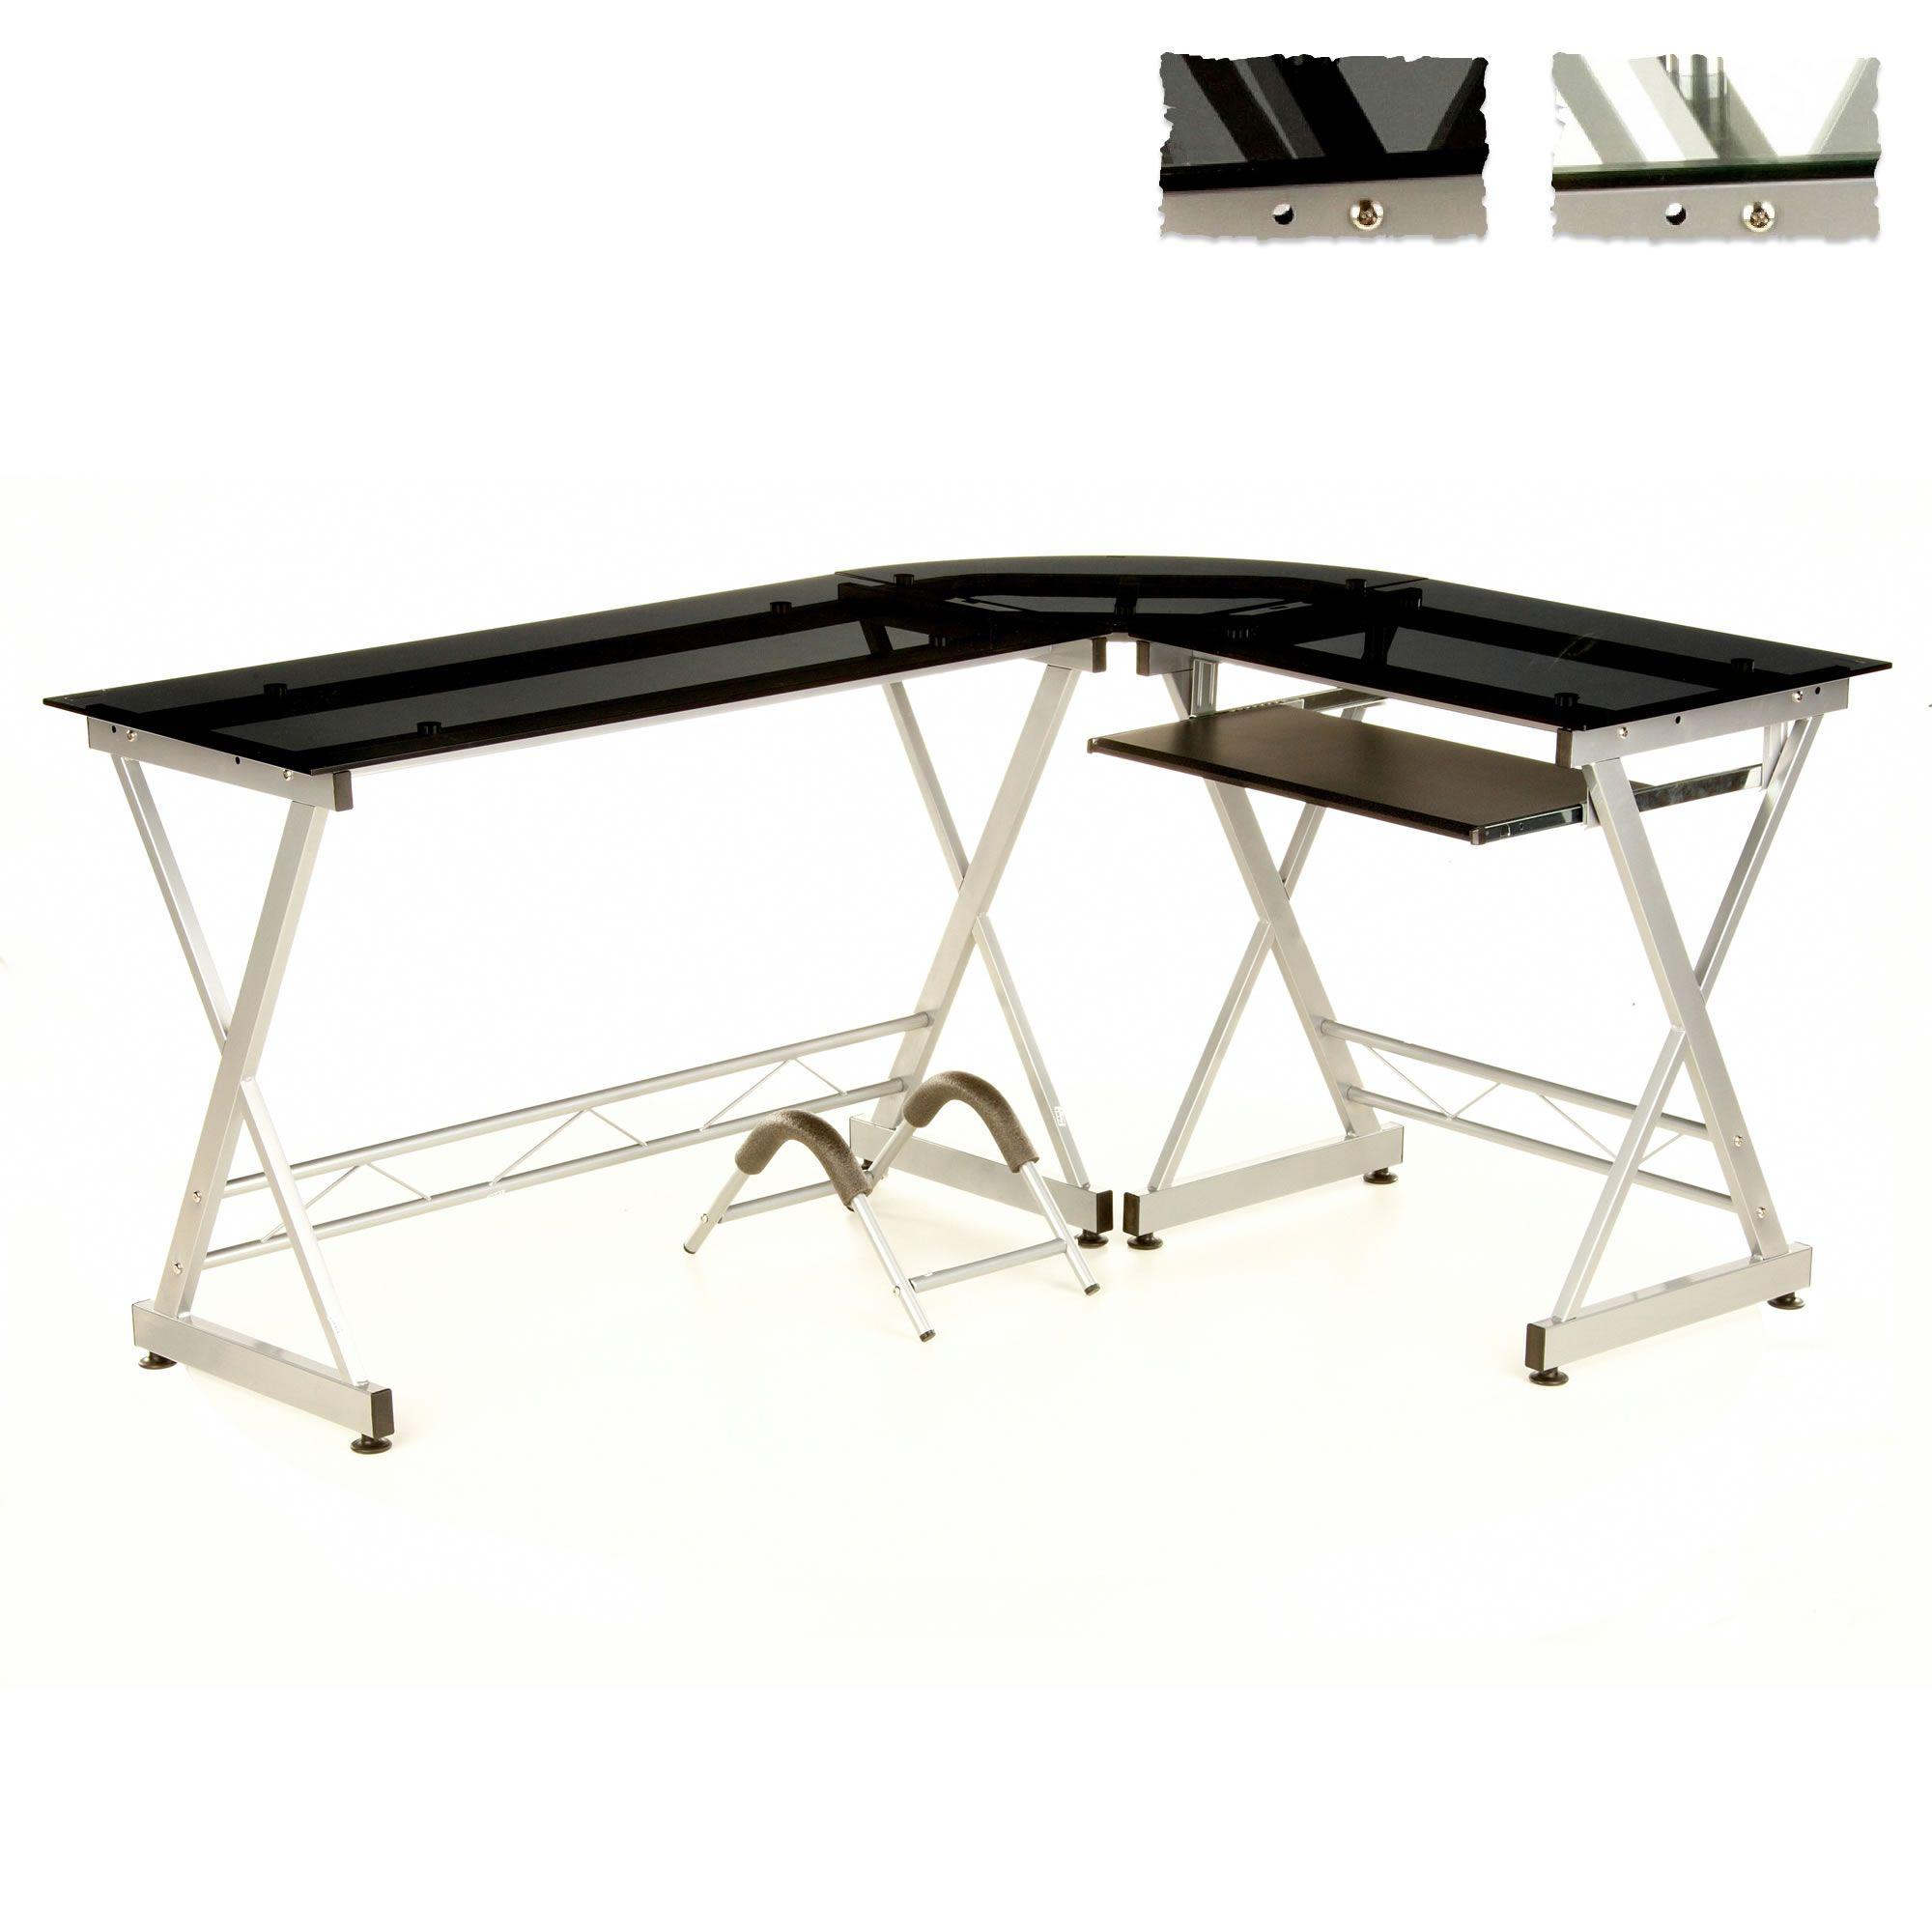 hjh office schreibtisch b rom bel winkelschreibtisch b ro tisch pc glas x pert ebay. Black Bedroom Furniture Sets. Home Design Ideas